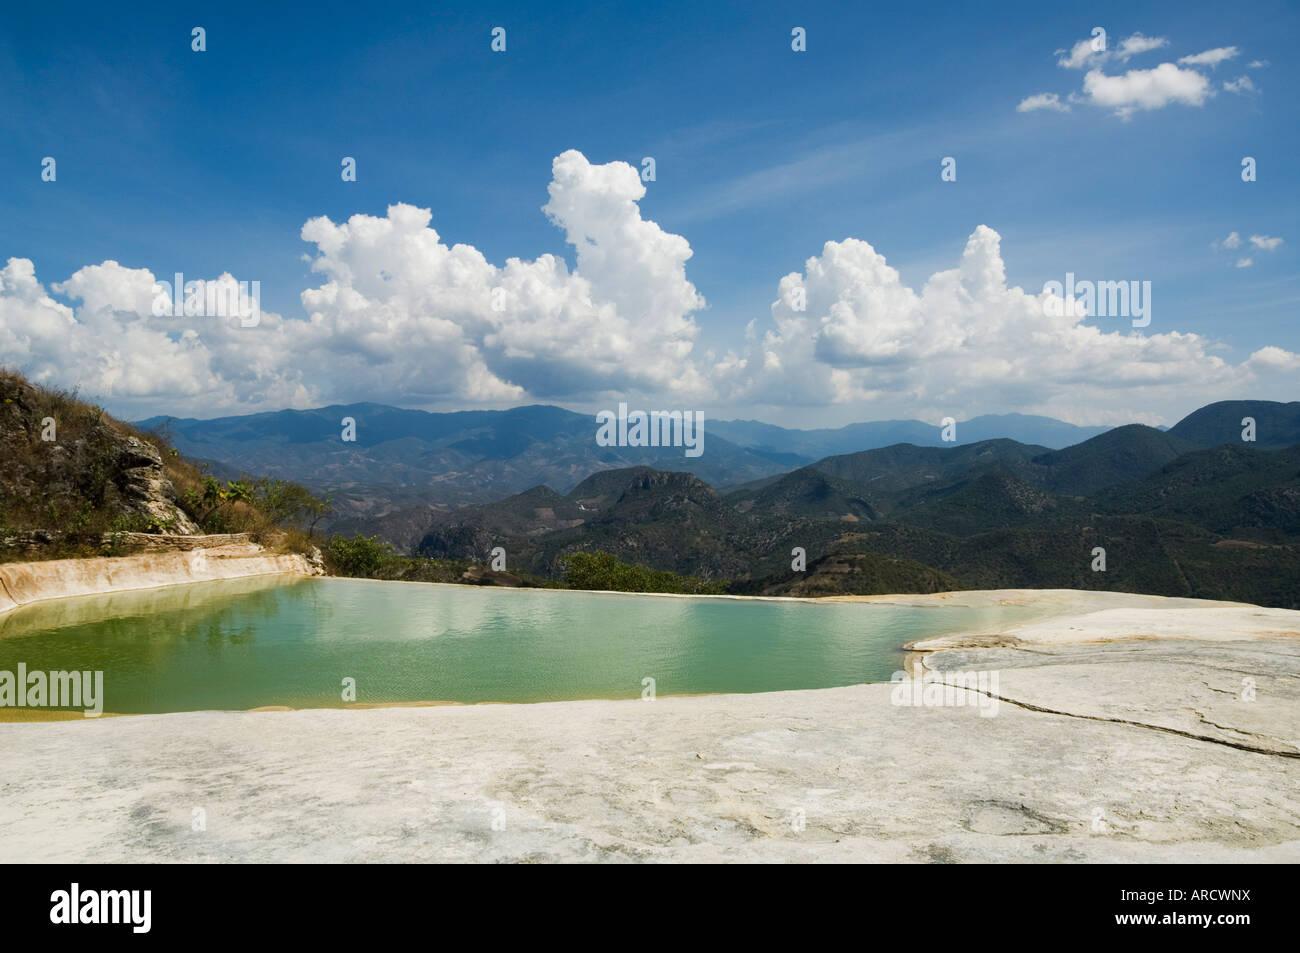 Hot springs, Hierve el Agua, Oaxaca, Mexico, North America - Stock Image